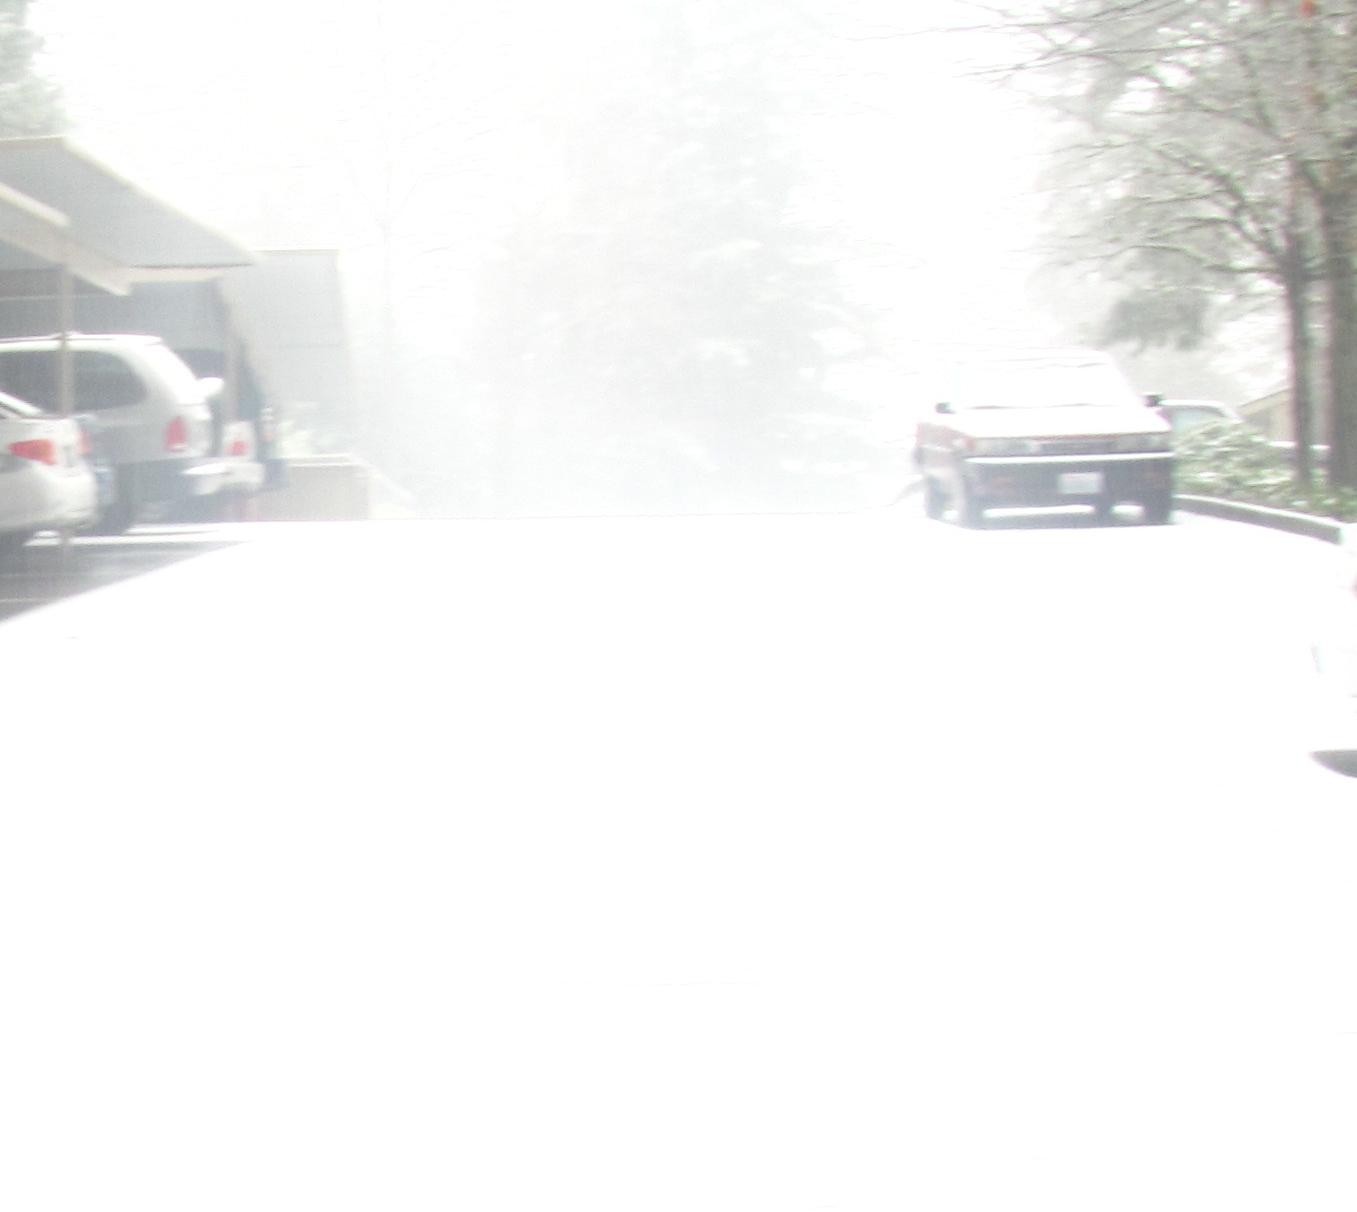 Snow Snow everywhere